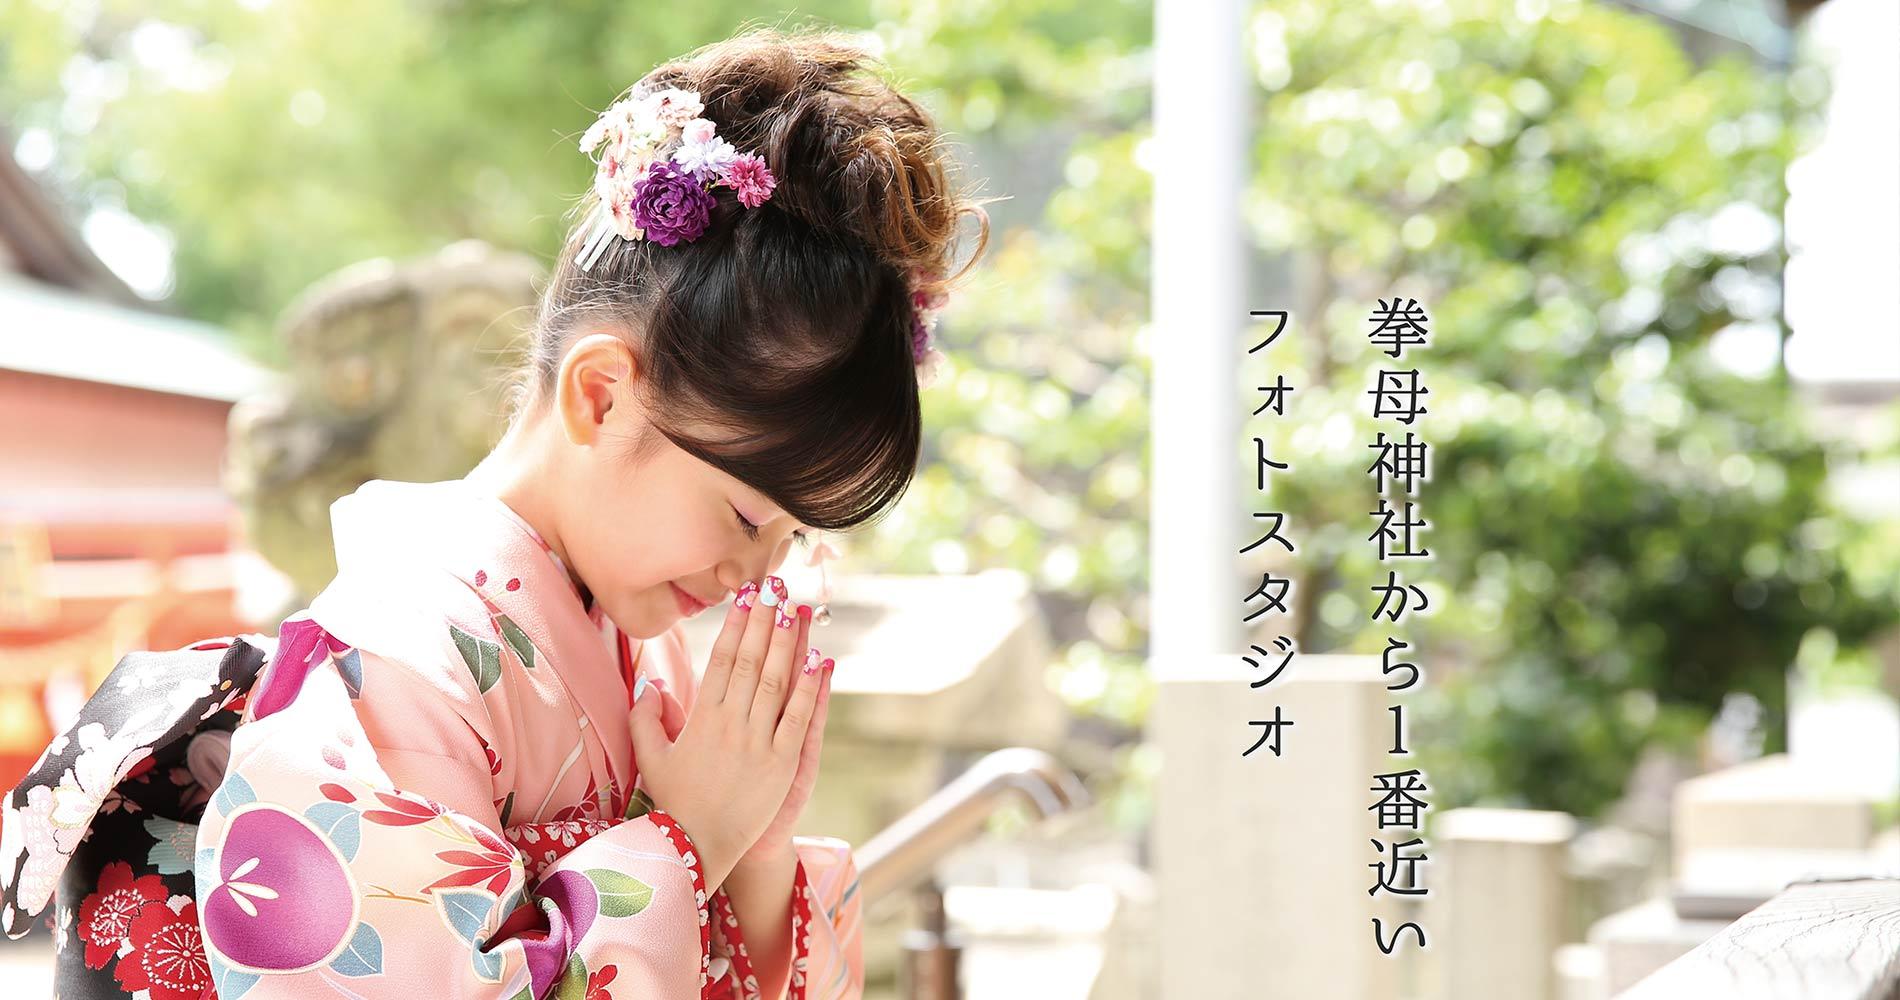 桜工房は挙母神社のすぐ近くで七五三やお宮参りの写真の撮影ができます